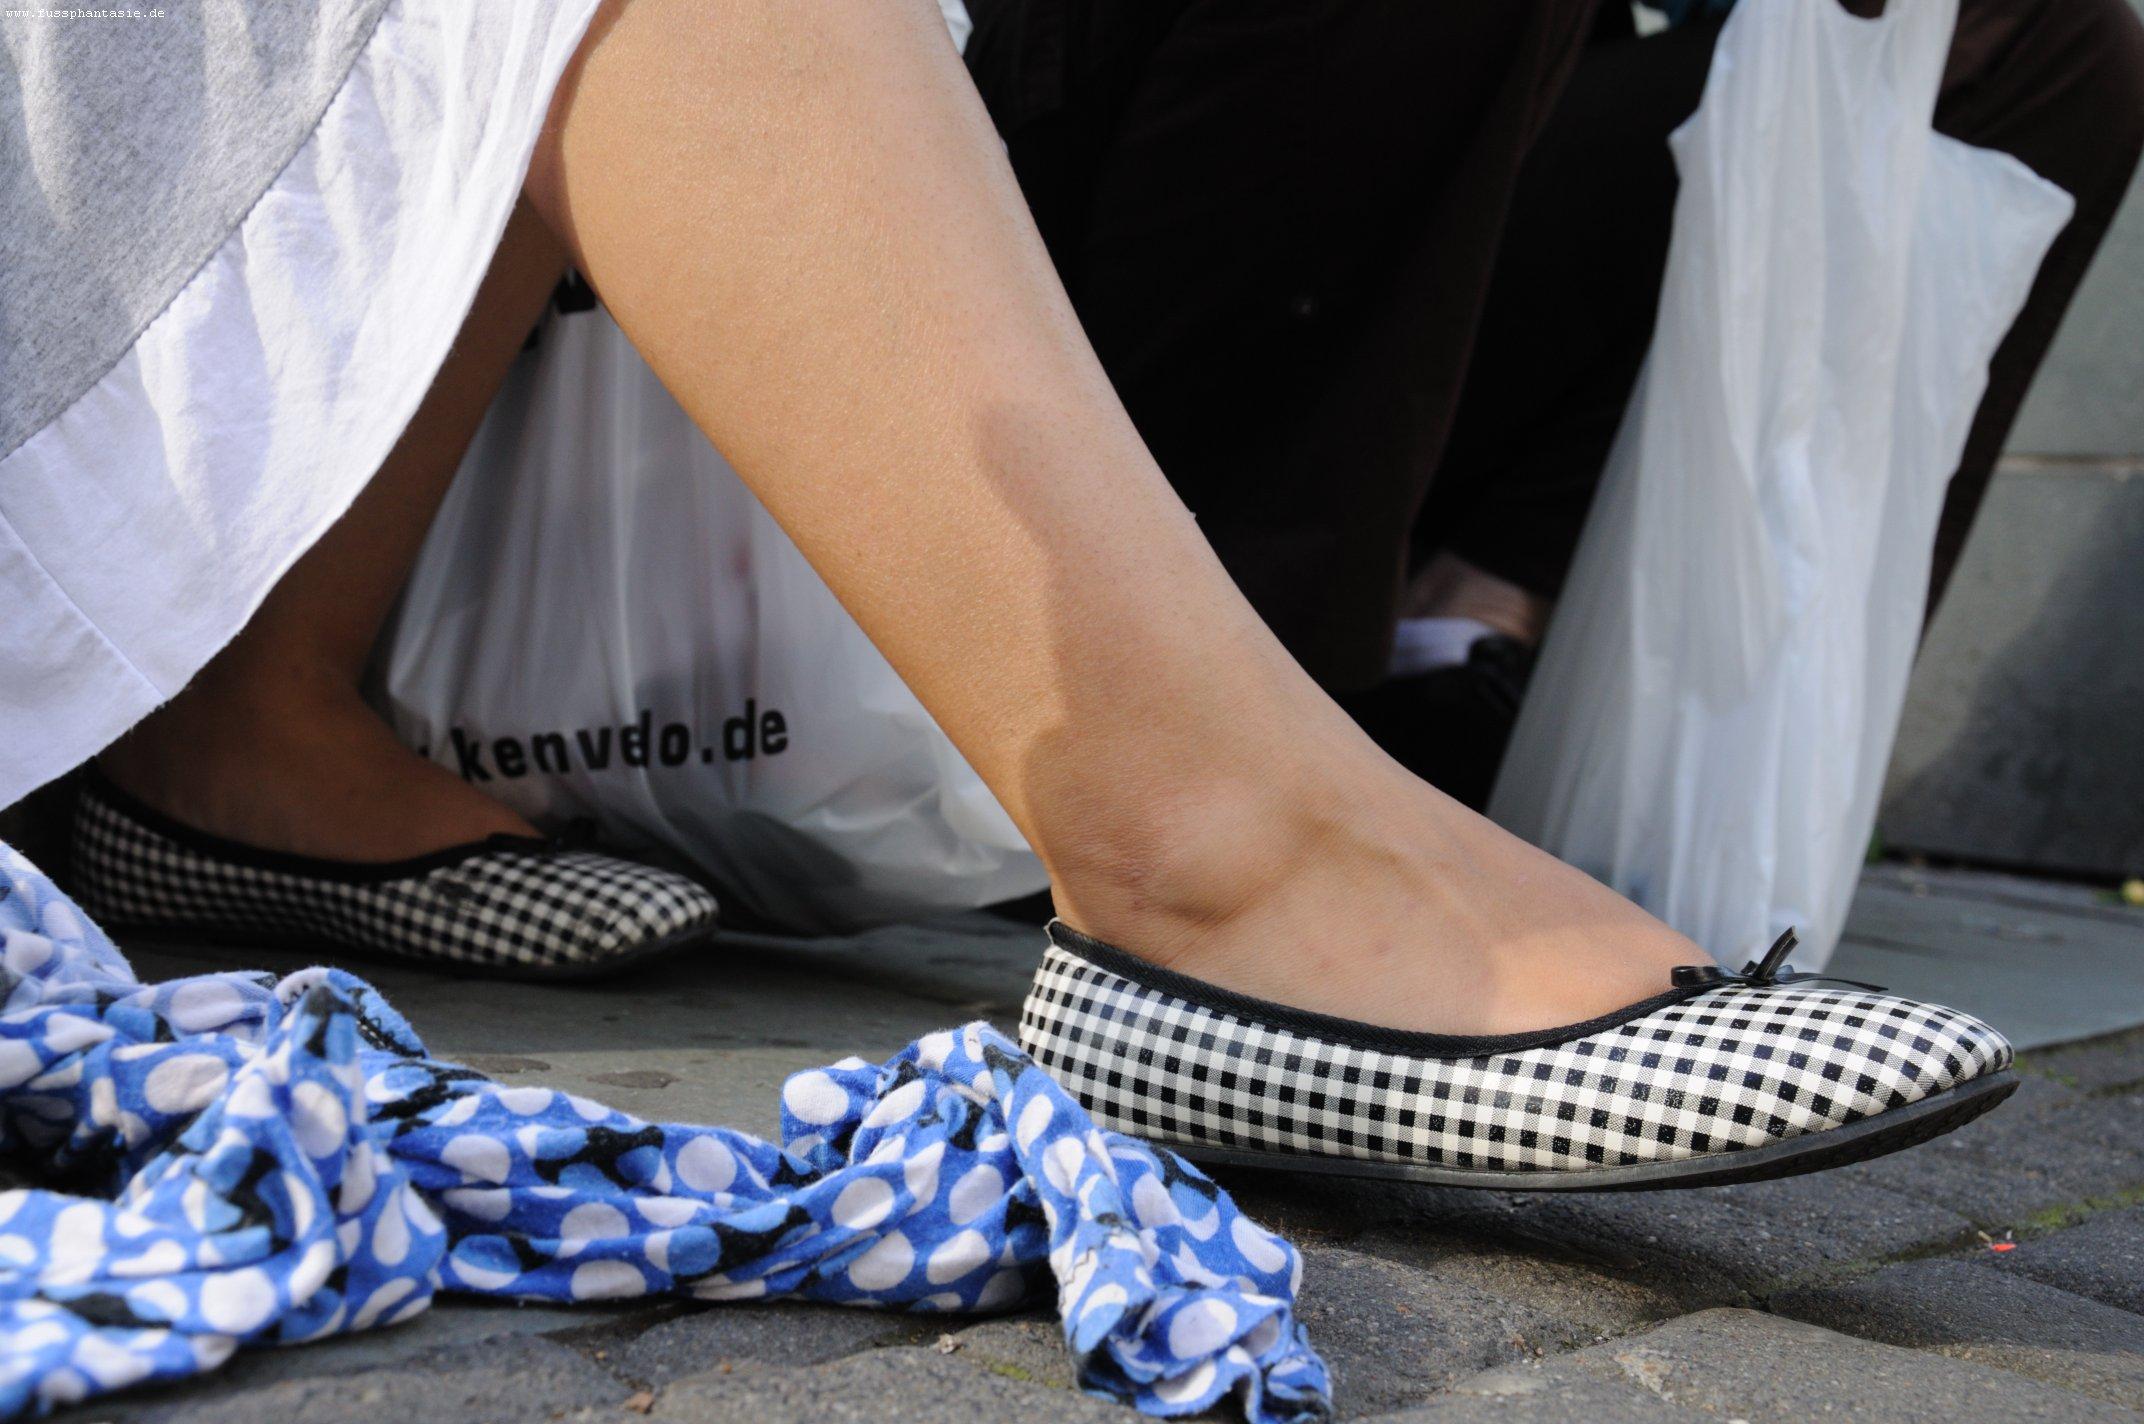 Foto Fußfetisch und Sandalen